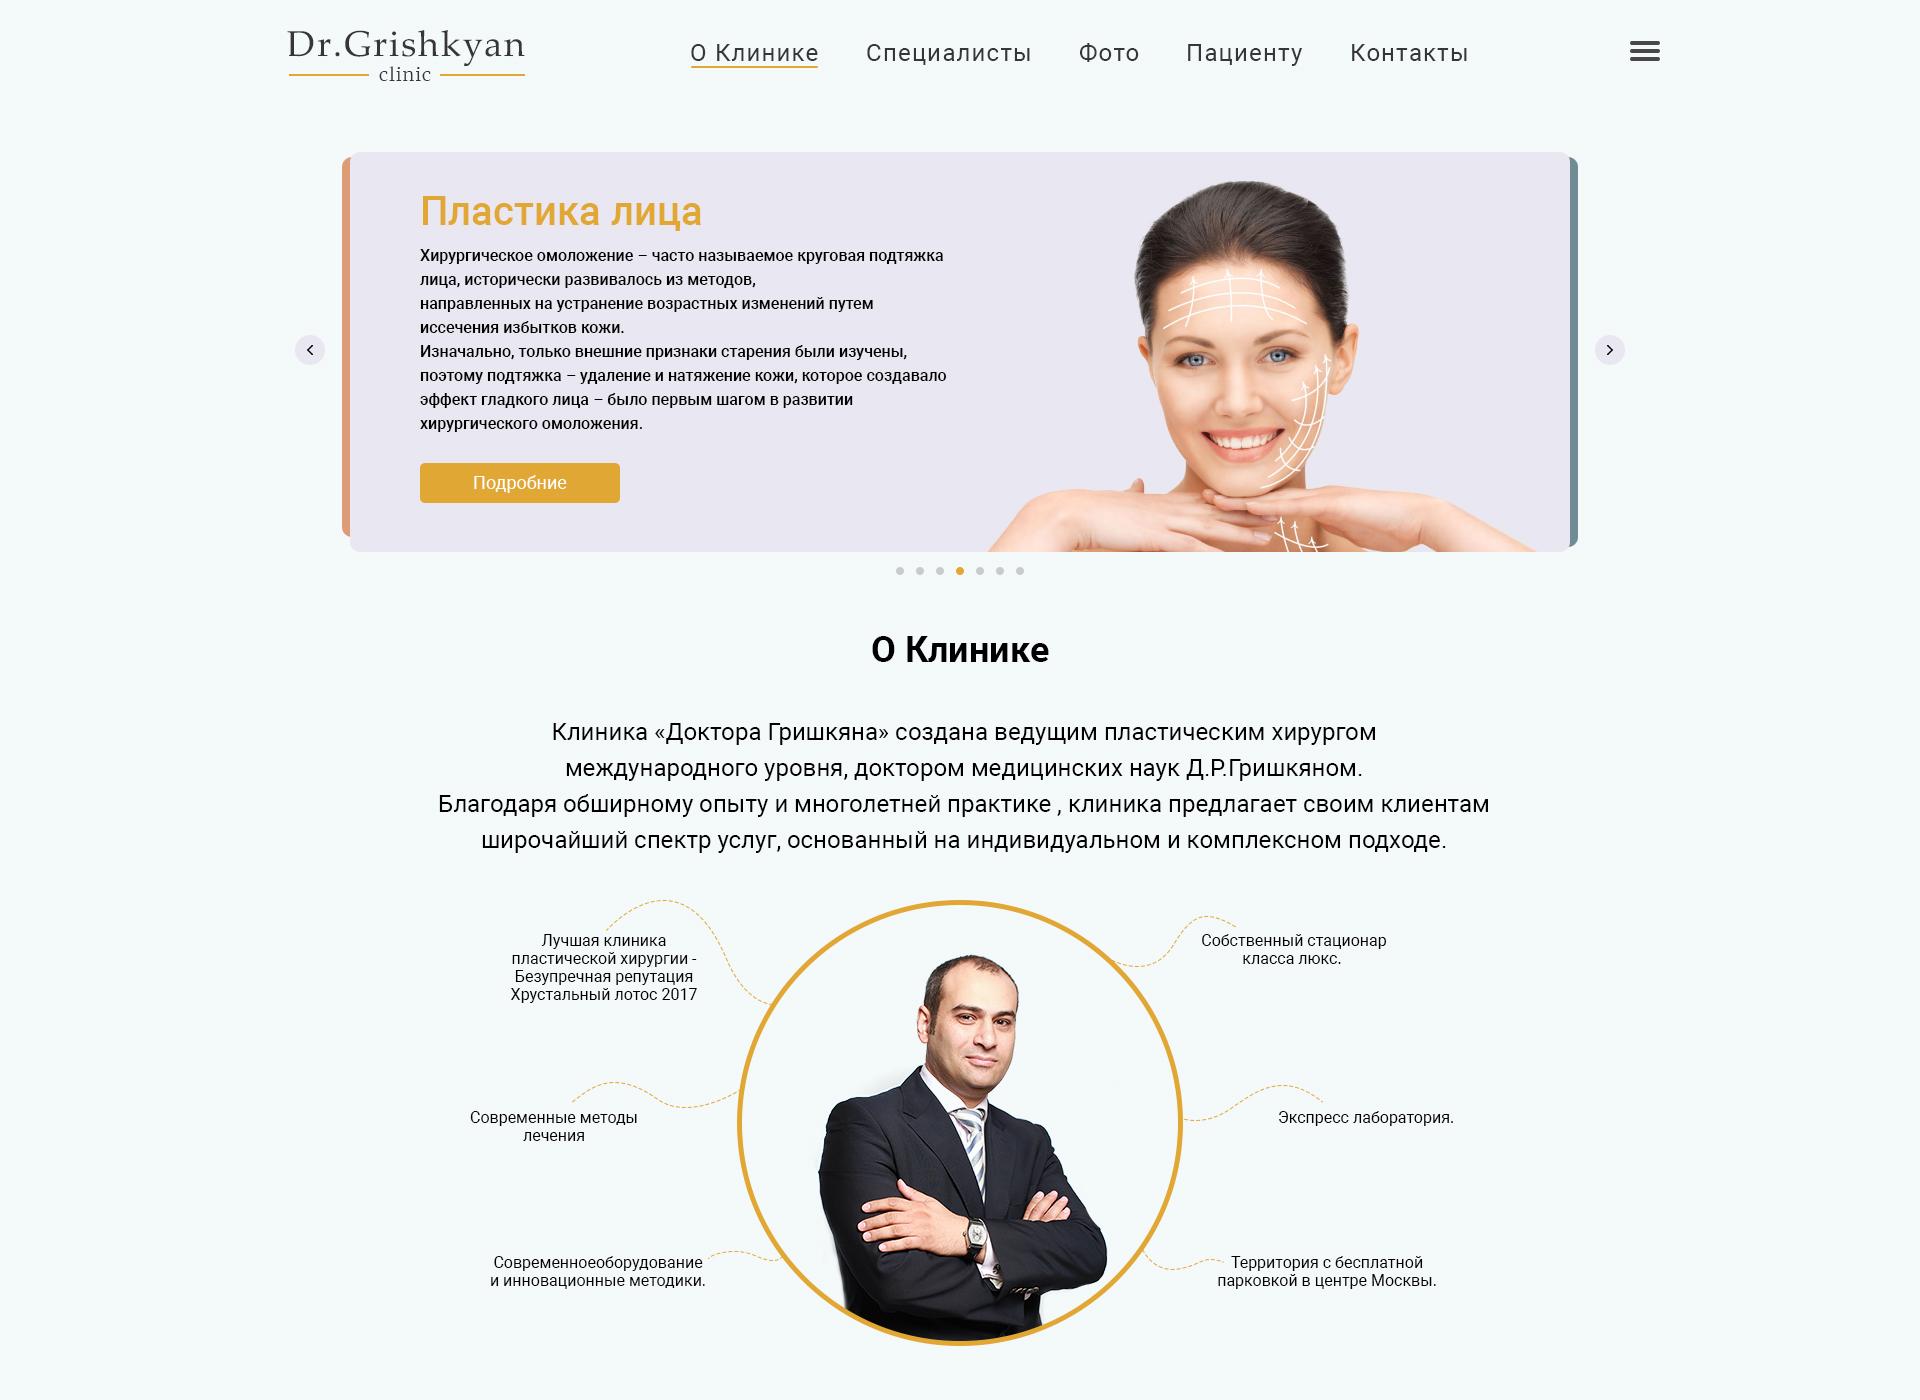 Разработка дизайн концепта главной страницы сайта. фото f_2655c97670a8bf98.jpg